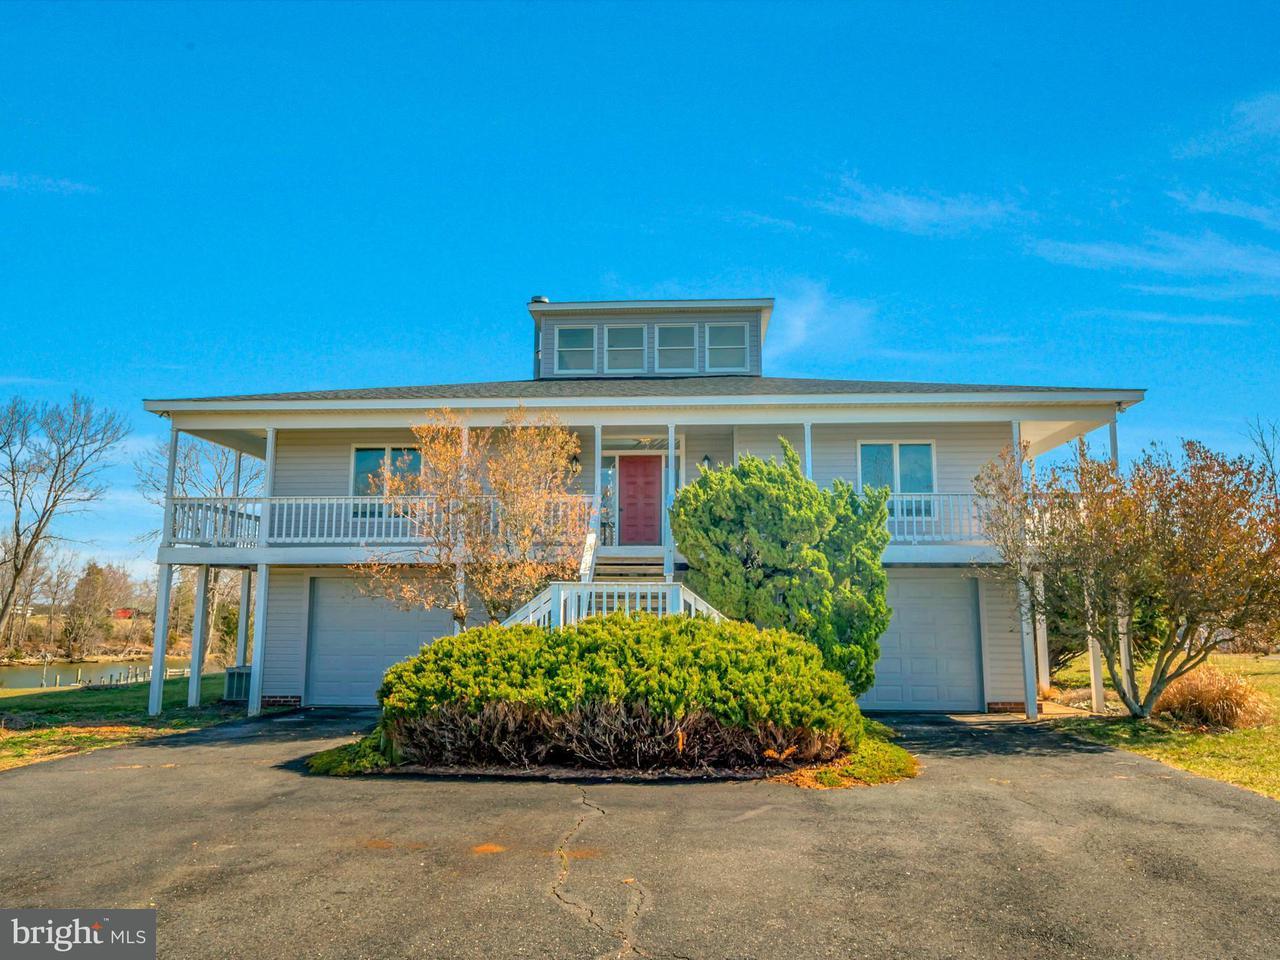 獨棟家庭住宅 為 出售 在 250 Matthews Cove Drive 250 Matthews Cove Drive Montross, 弗吉尼亞州 22520 美國